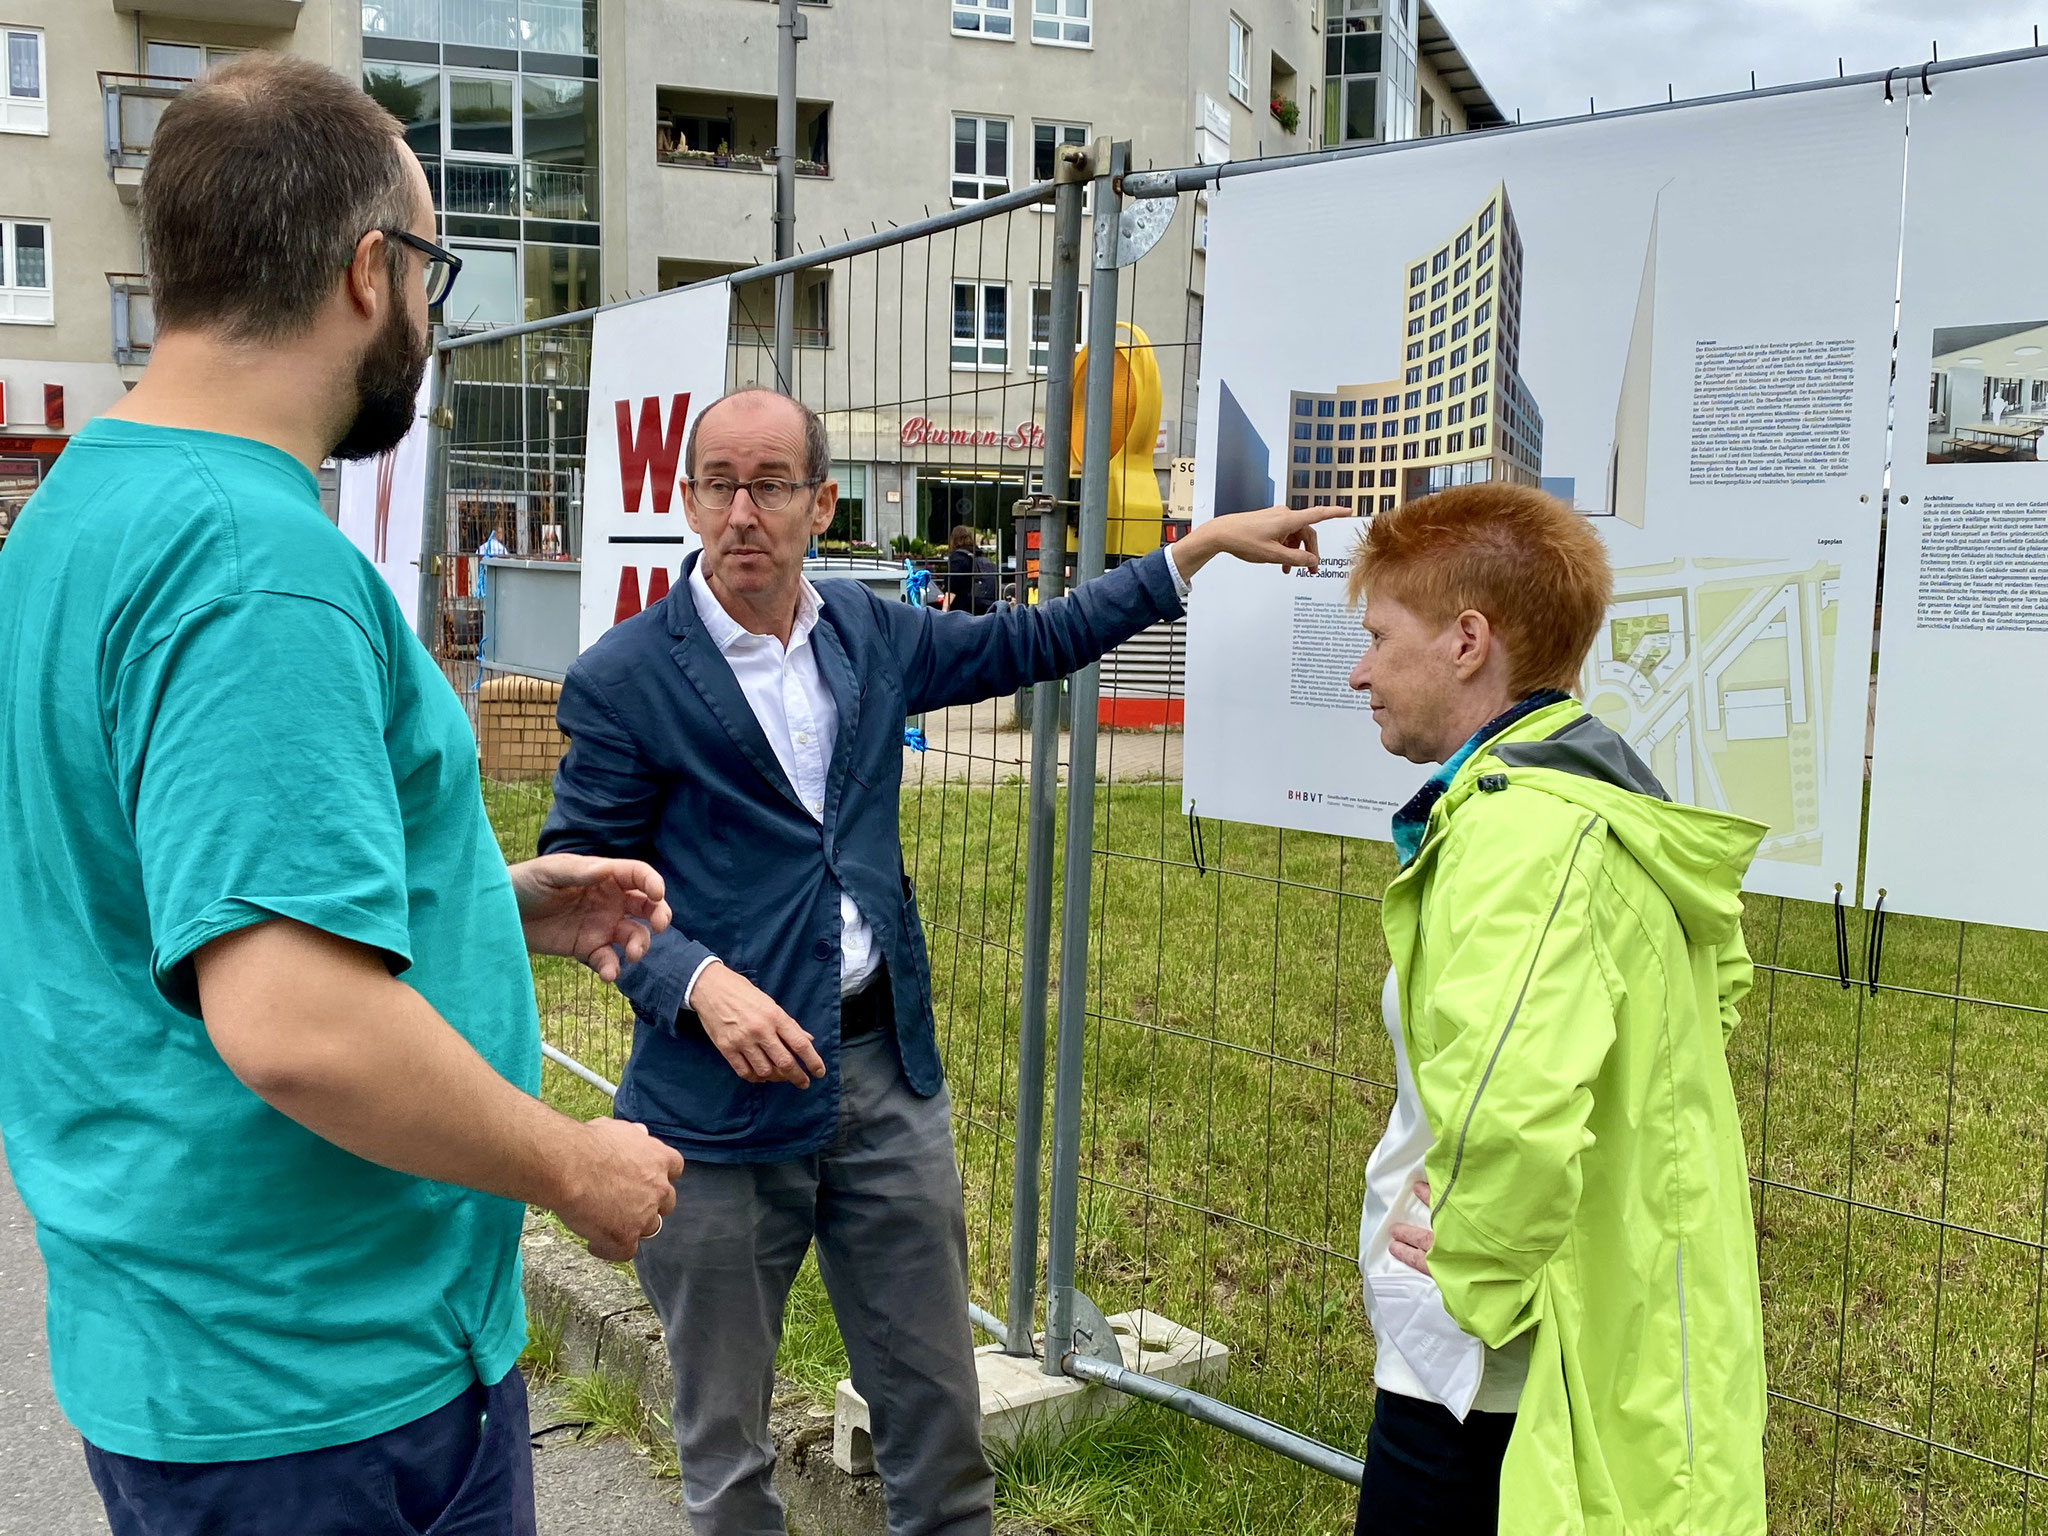 Der Linken-Verordnete Steffen Ostehr und Bundestagsvizepräsidentin Petra Pau lassen sich die Pläne erläutern.